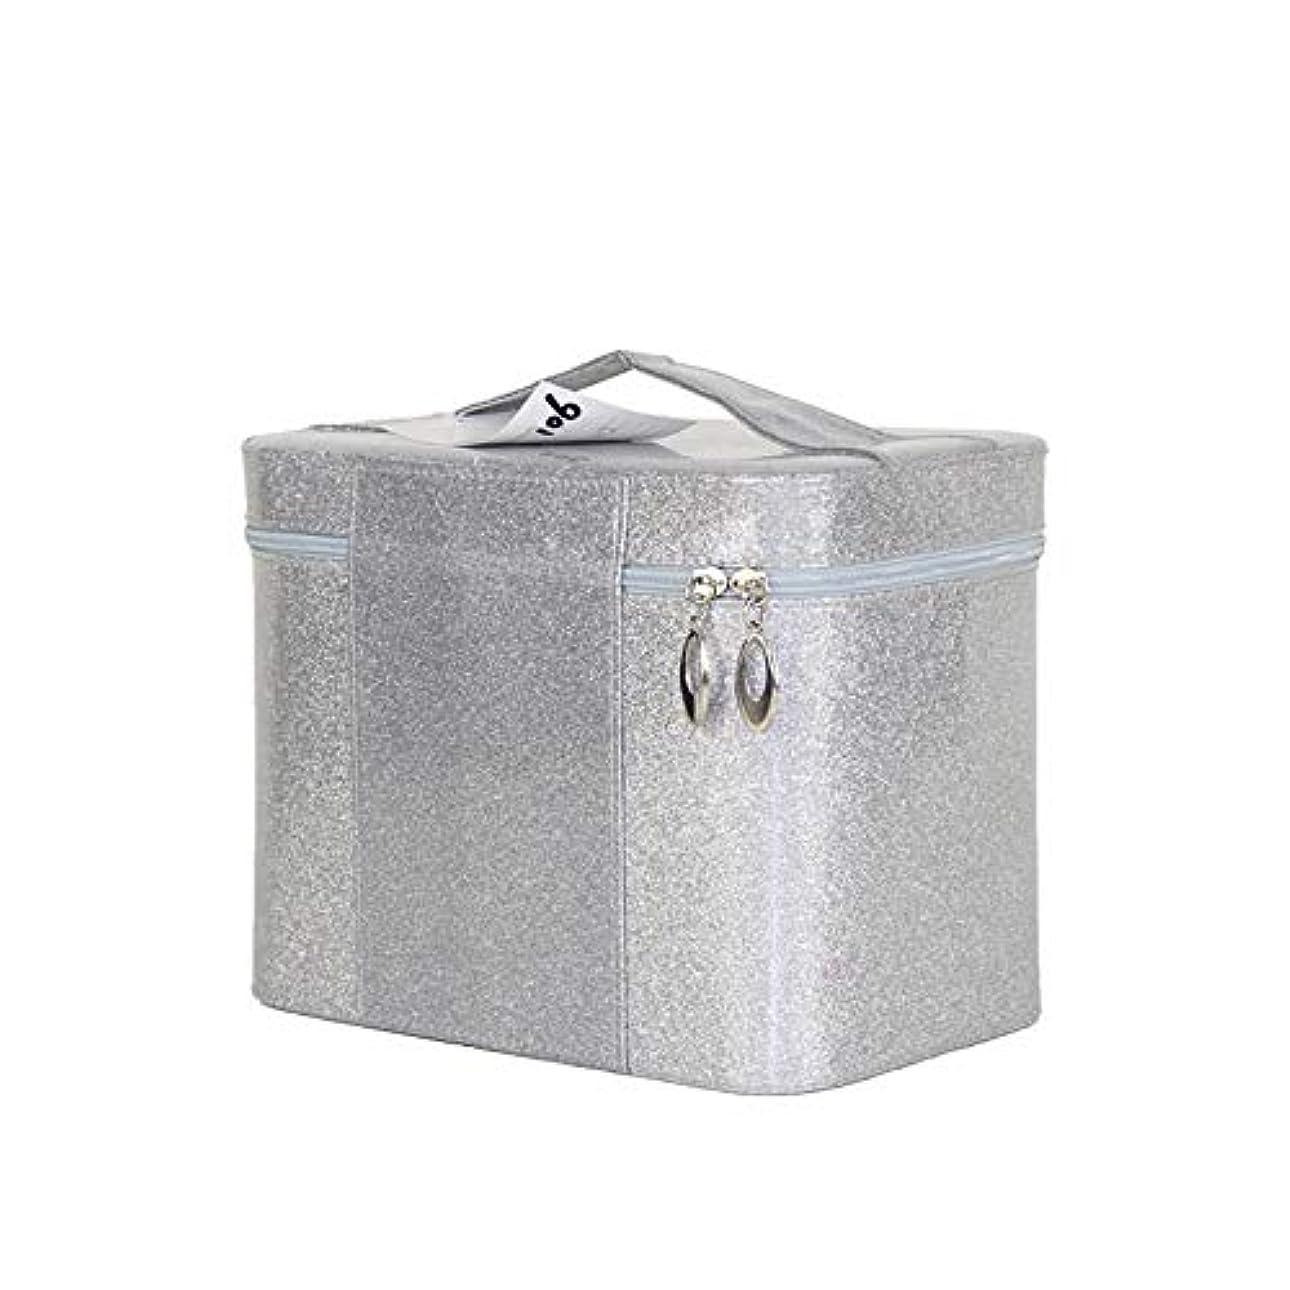 ロバ破壊的魔法化粧オーガナイザーバッグ ジッパーで小さなものの種類のための旅行のための美容メイクアップのための純粋な色のポータブル化粧品バッグ 化粧品ケース